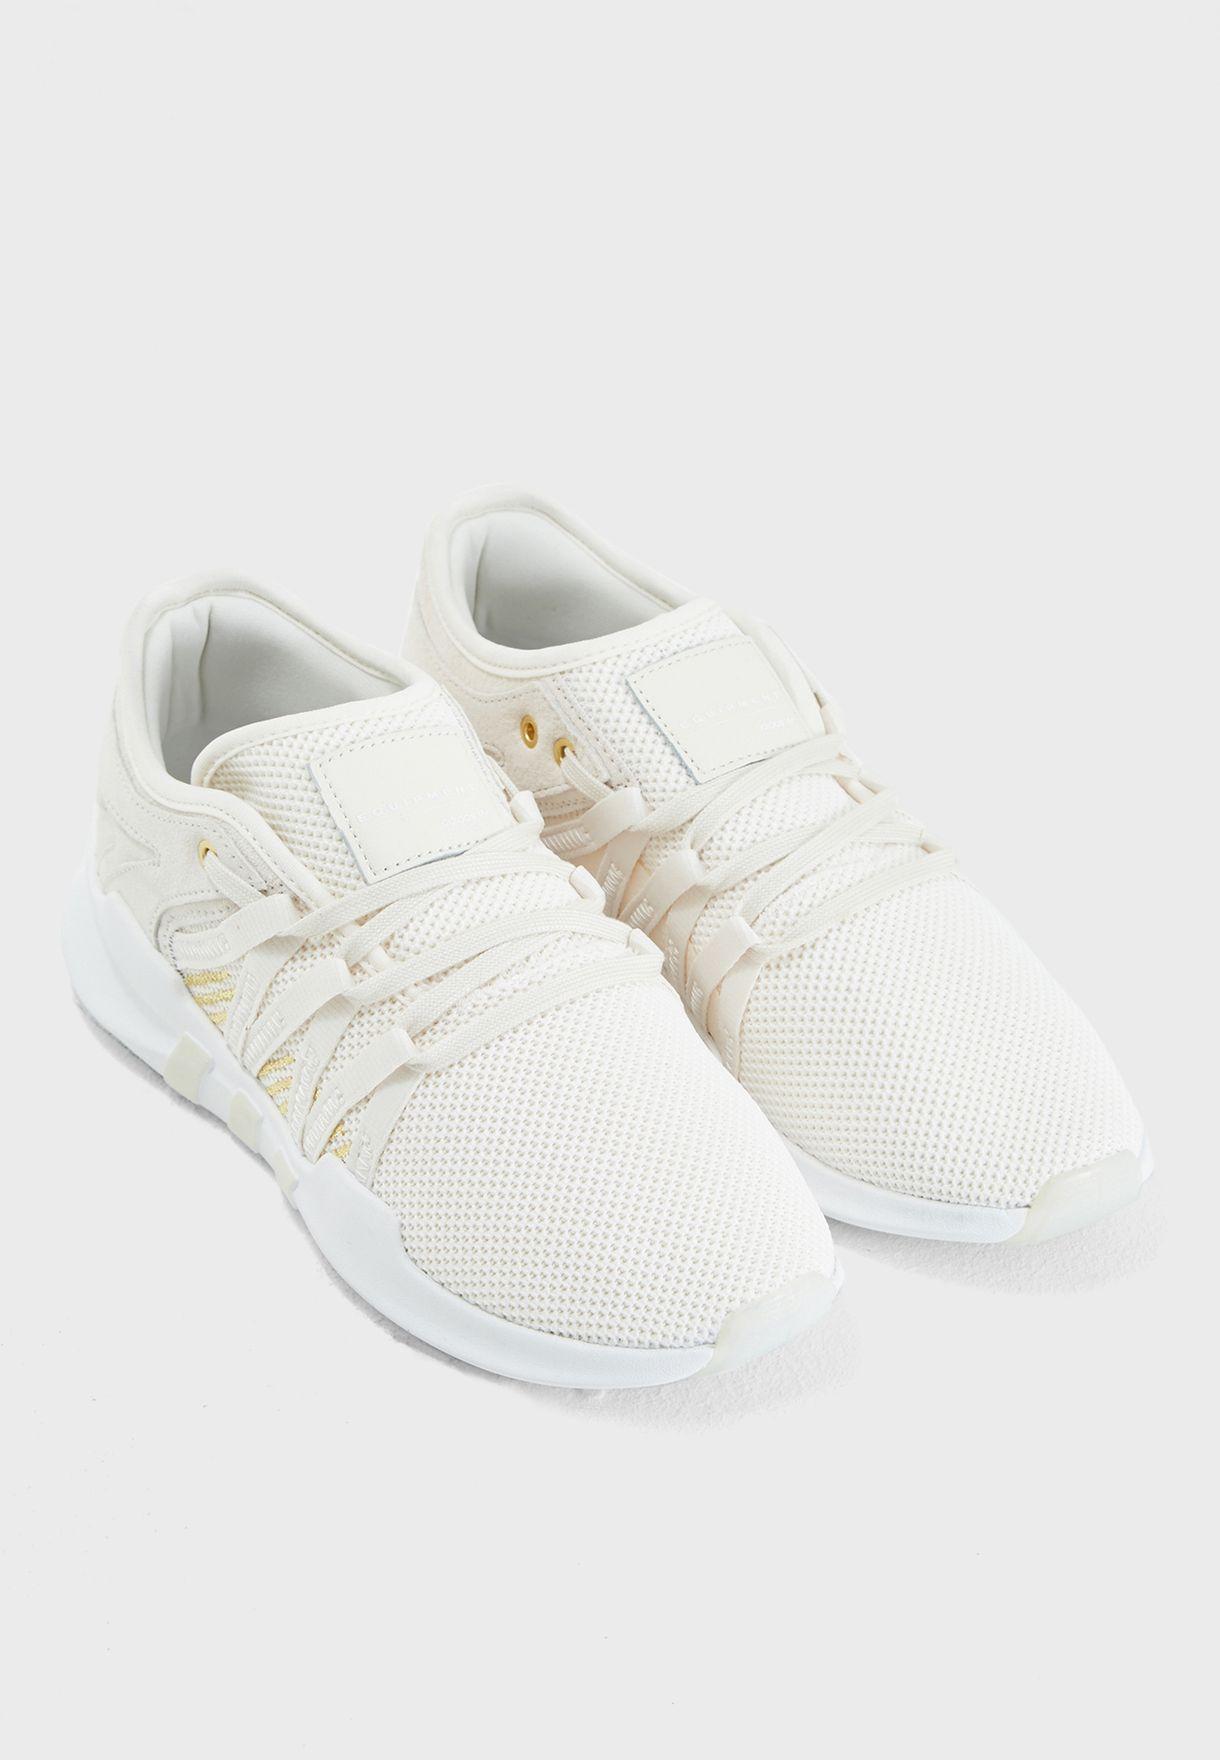 adidas Originals beige EQT Racing ADV